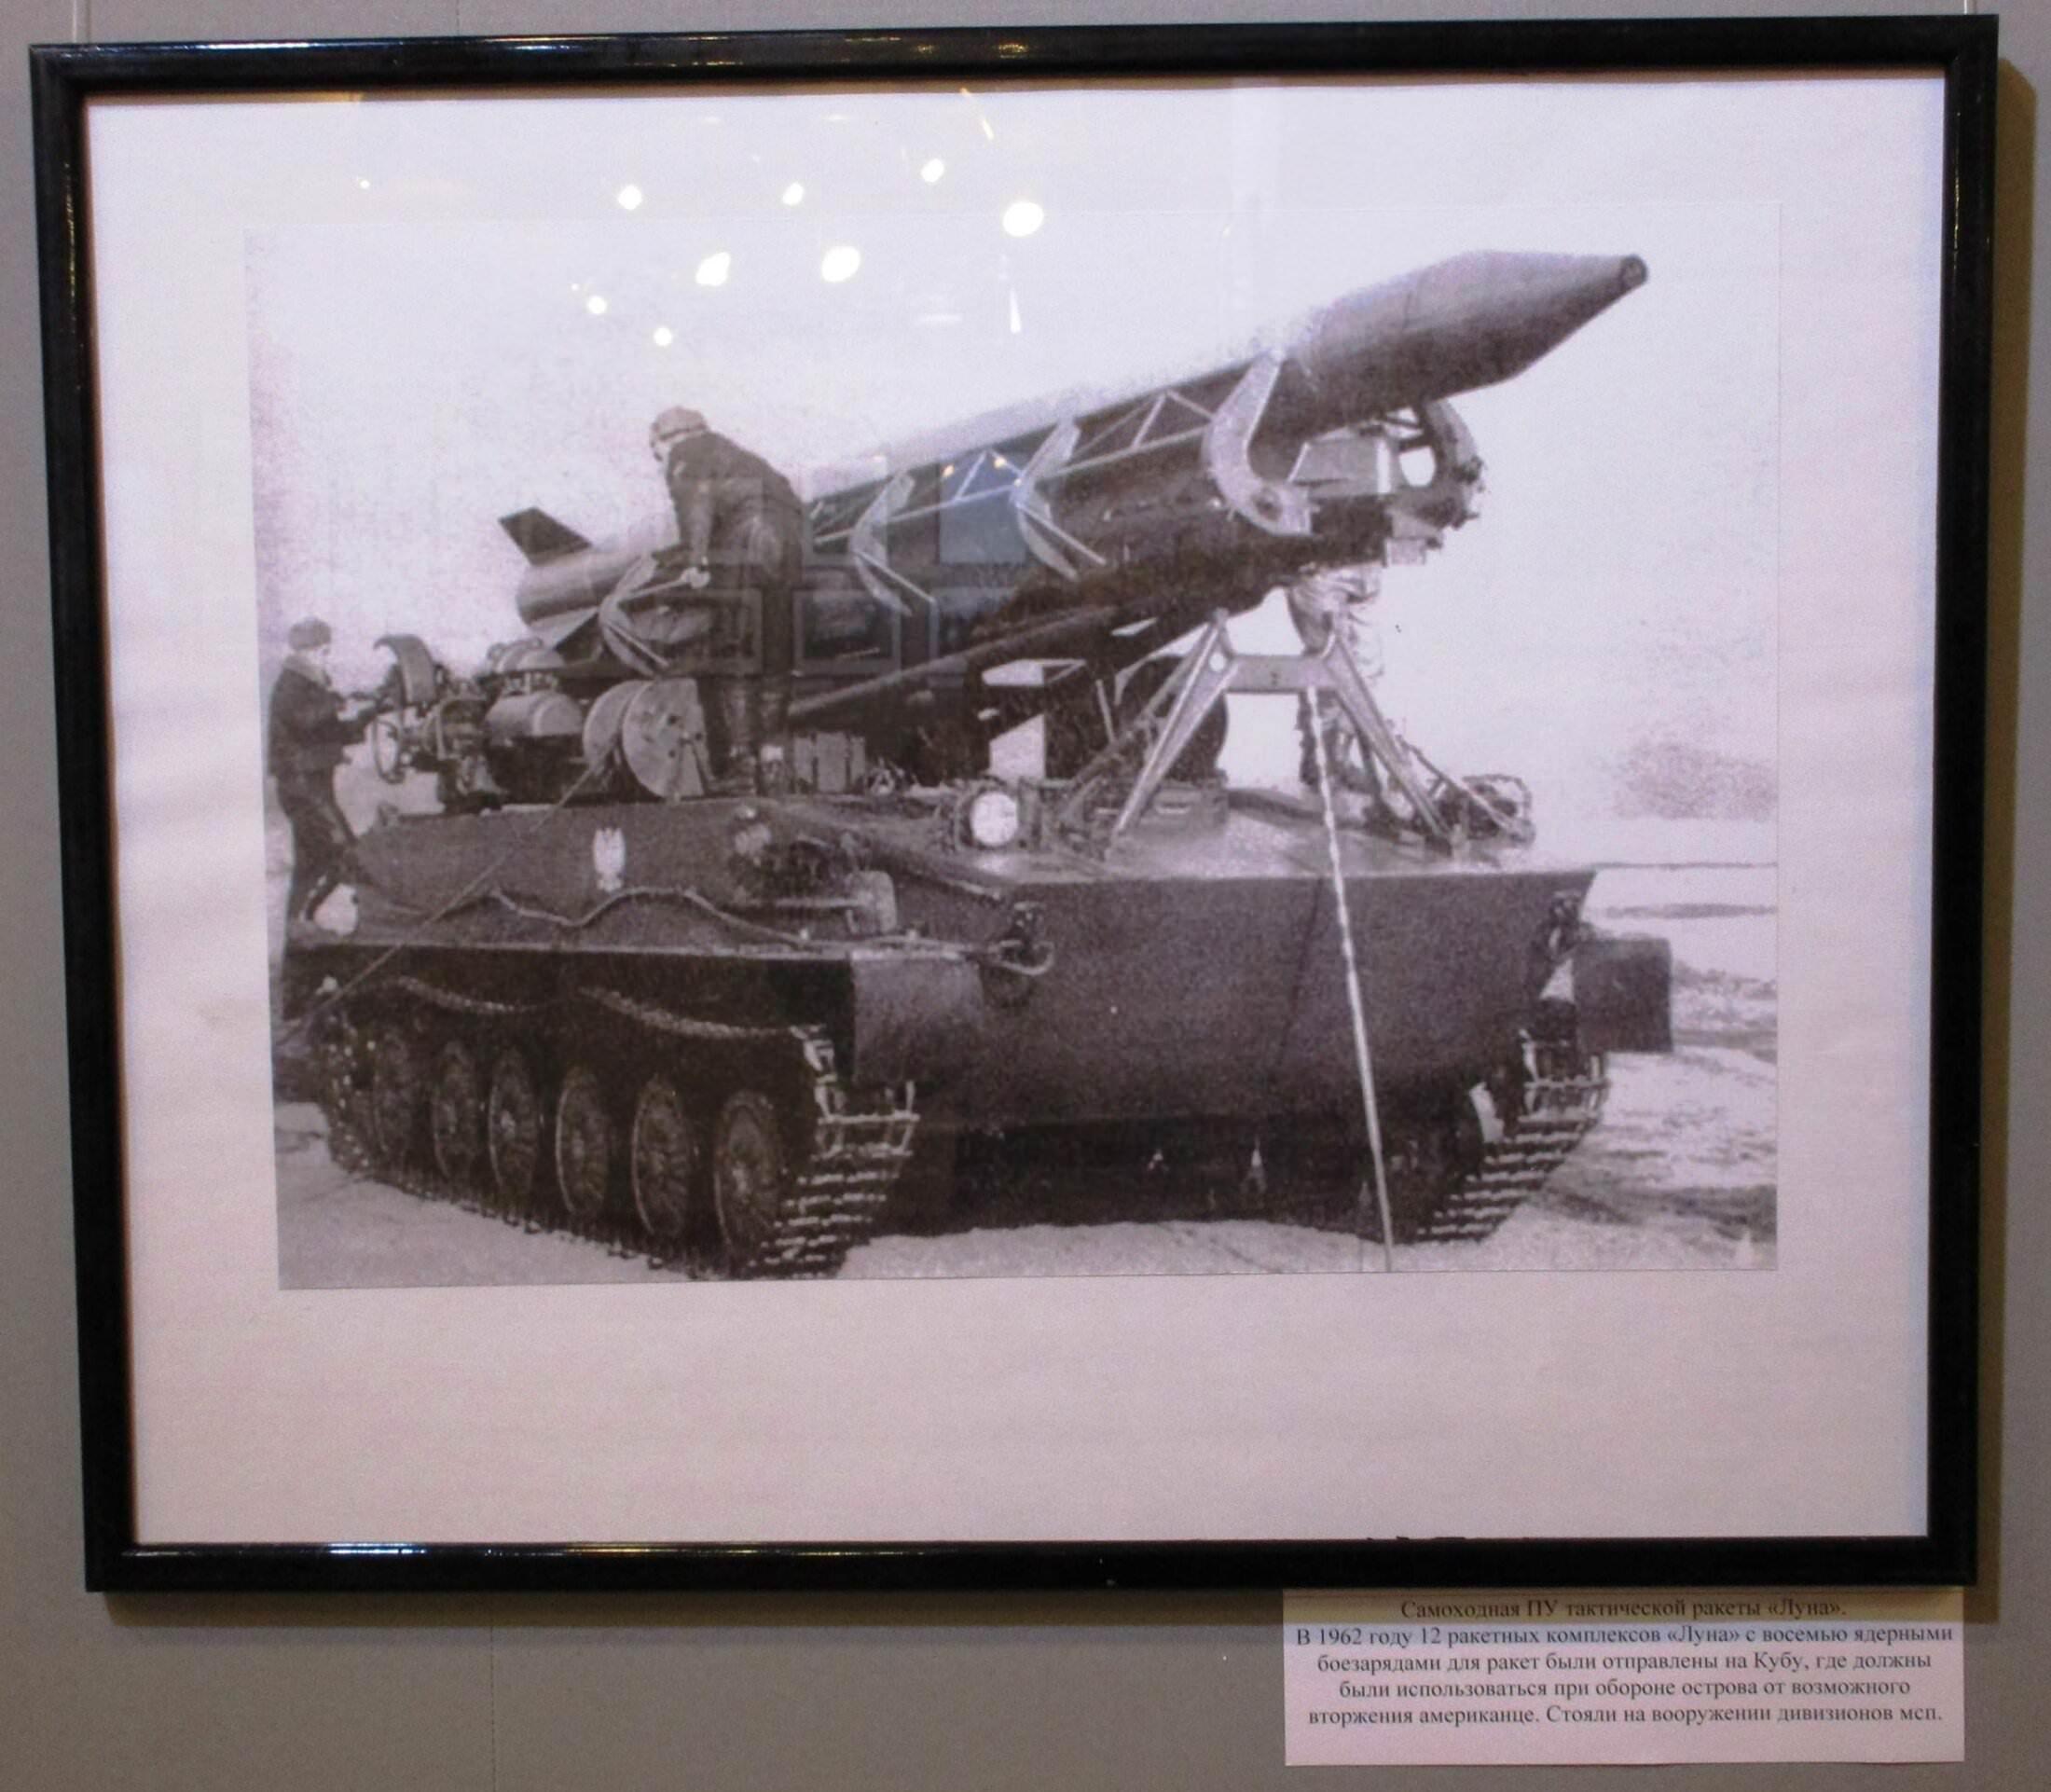 2016-10-27. Самоходная ПУ тактической ракеты «Луна» (не Куба)